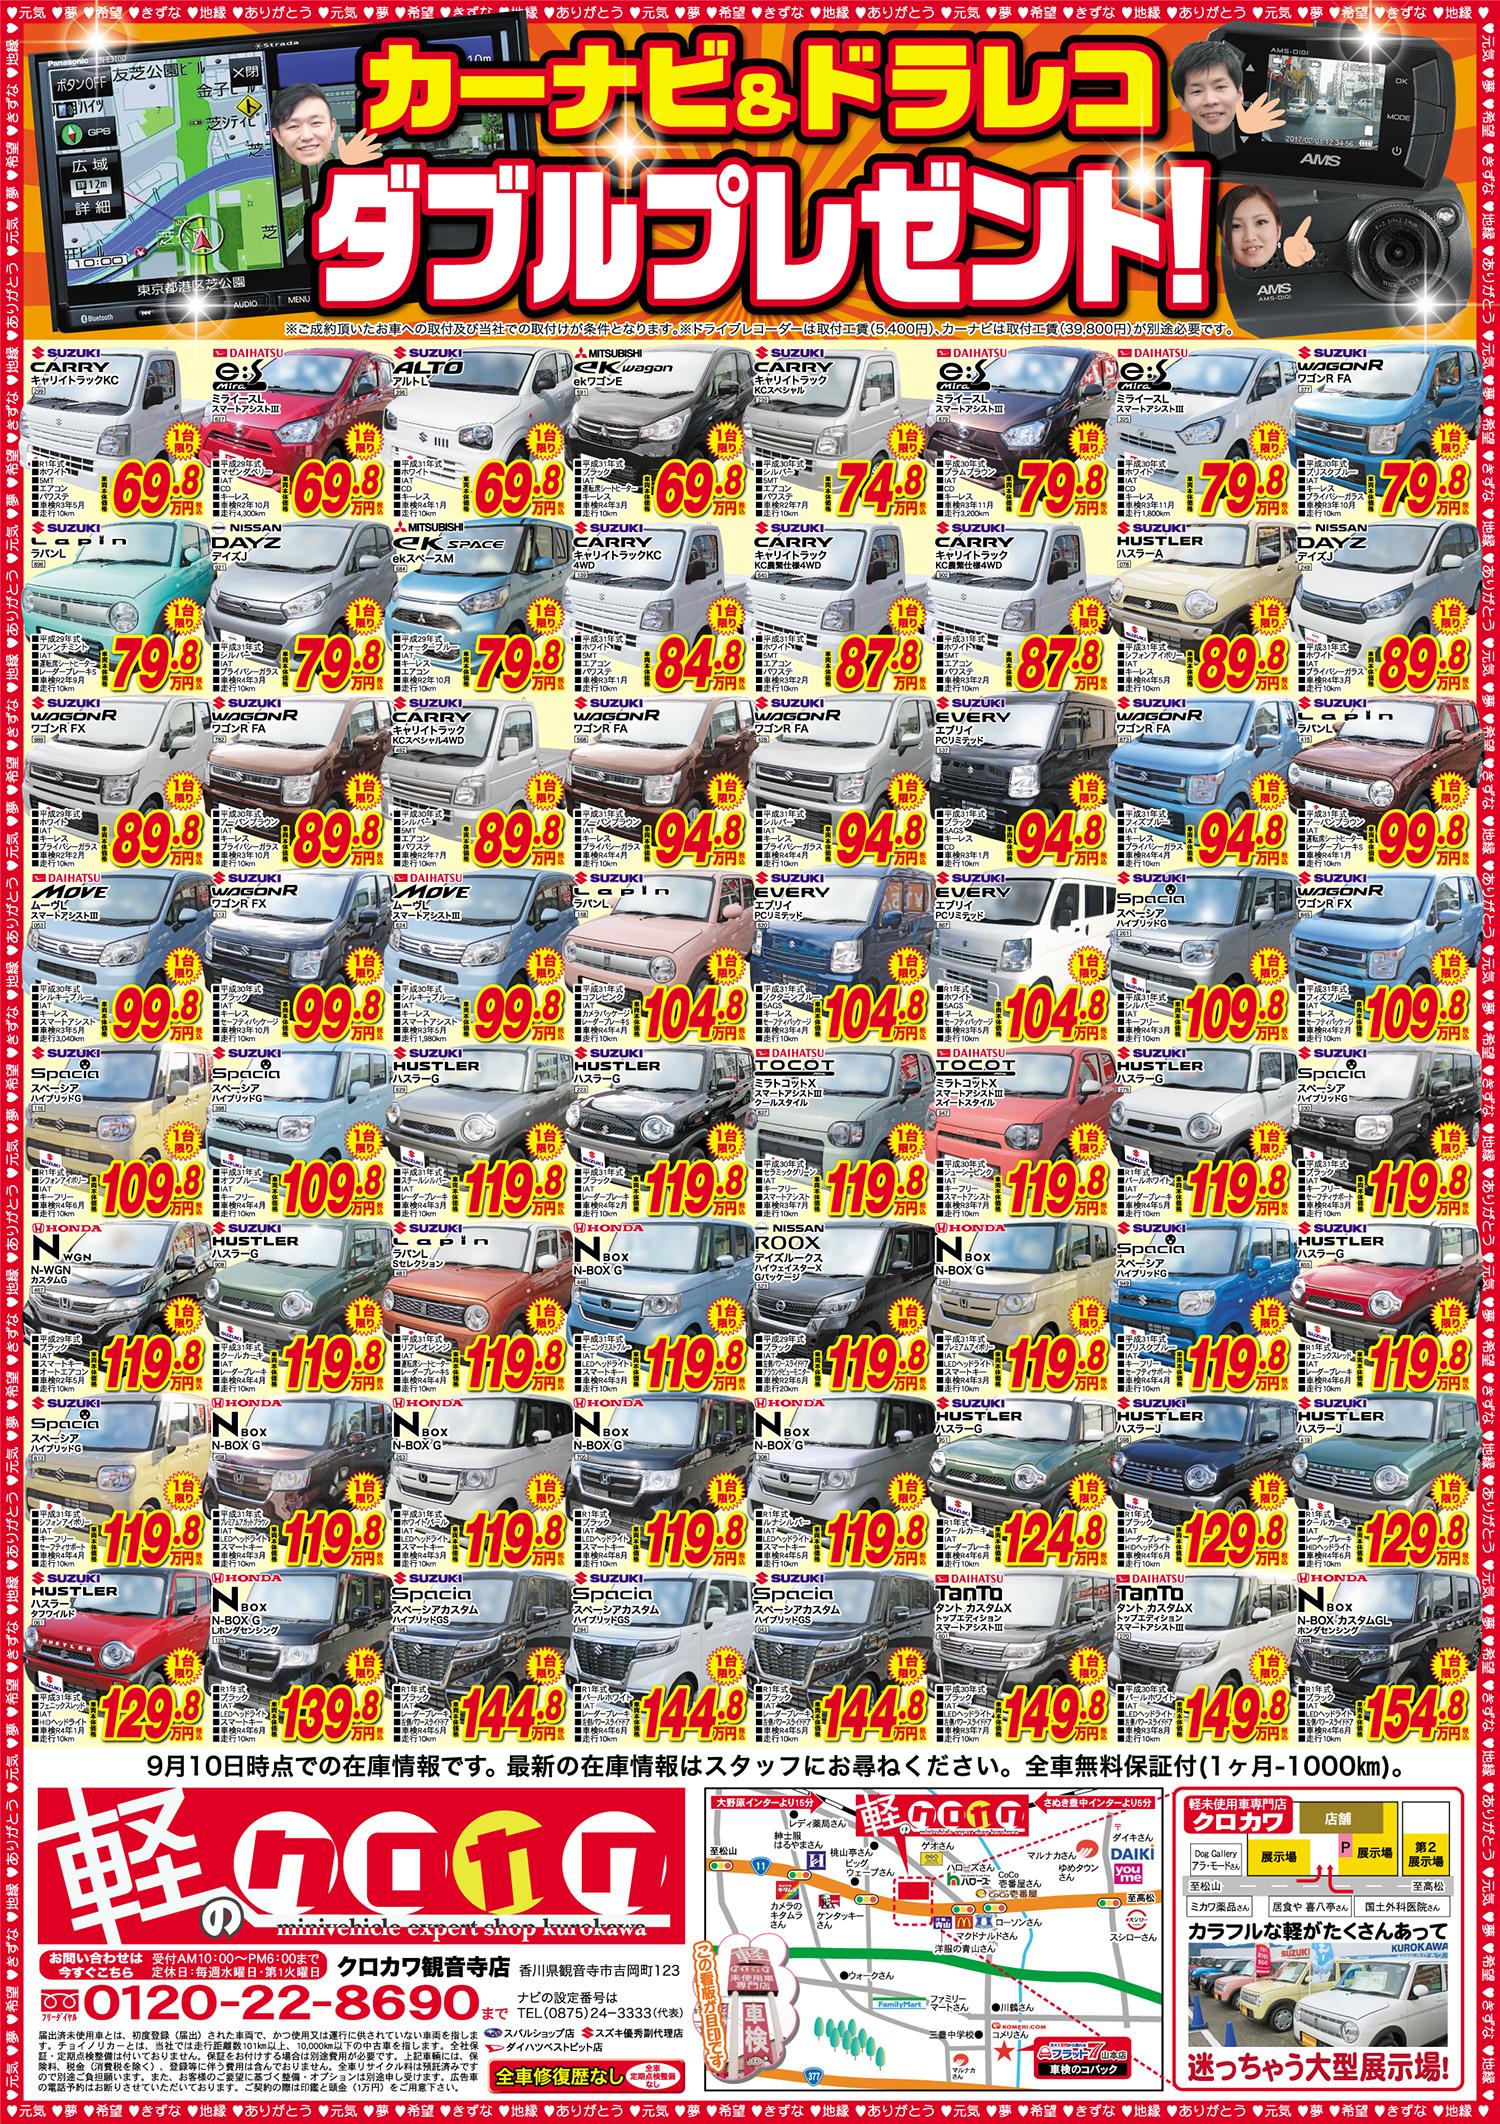 【増税直前!!】9月中に納車できる!未使用車120台大放出!!